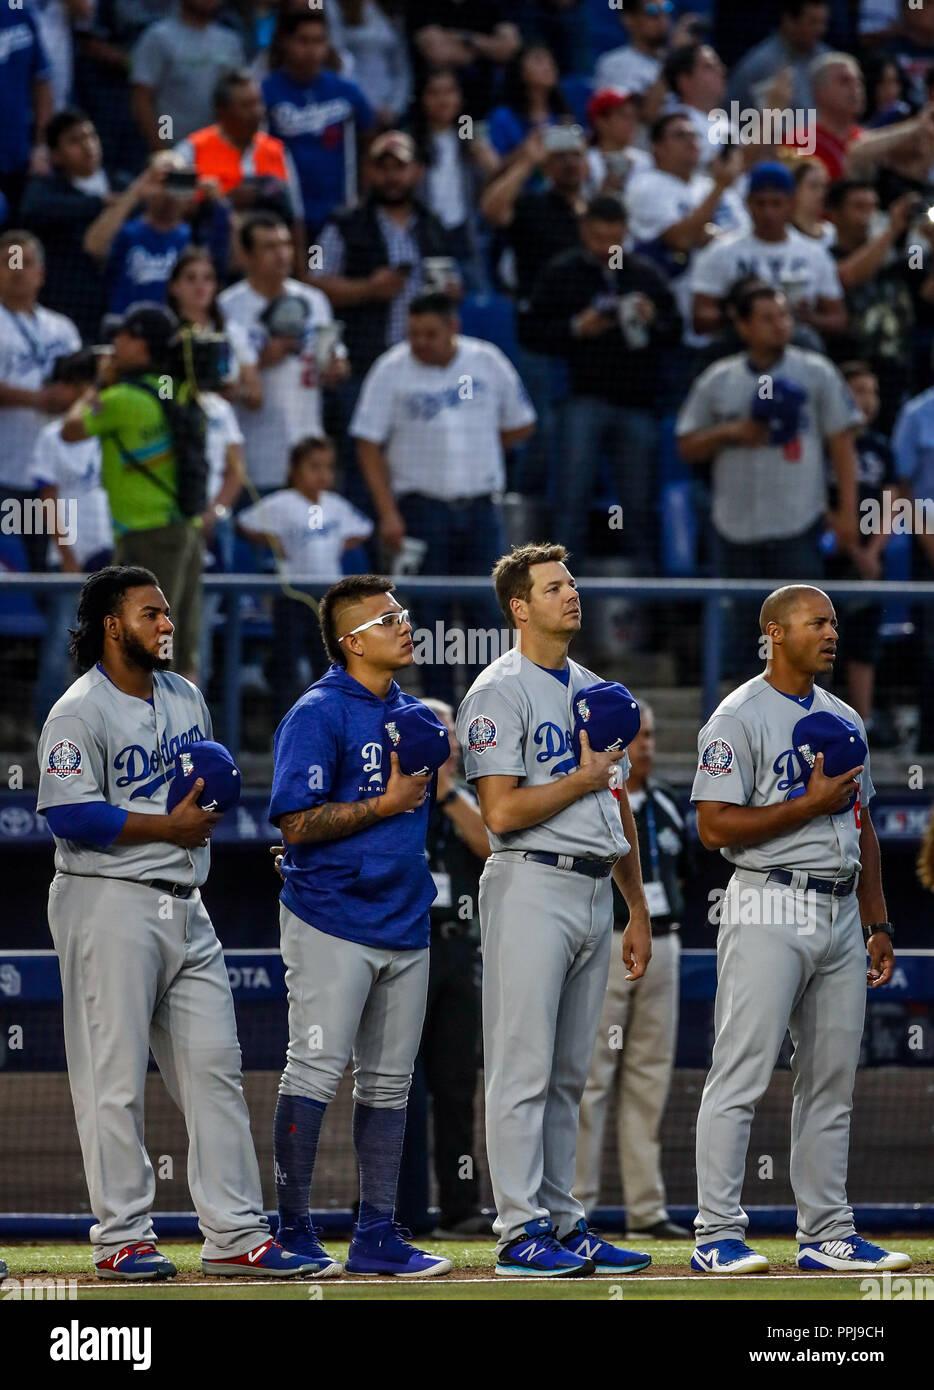 Julio UriasAcciones del partido de beisbol de los Dodgers de Los Angeles contra Padres de San Diego, durante el primer juego de la serie las Ligas May - Stock Image